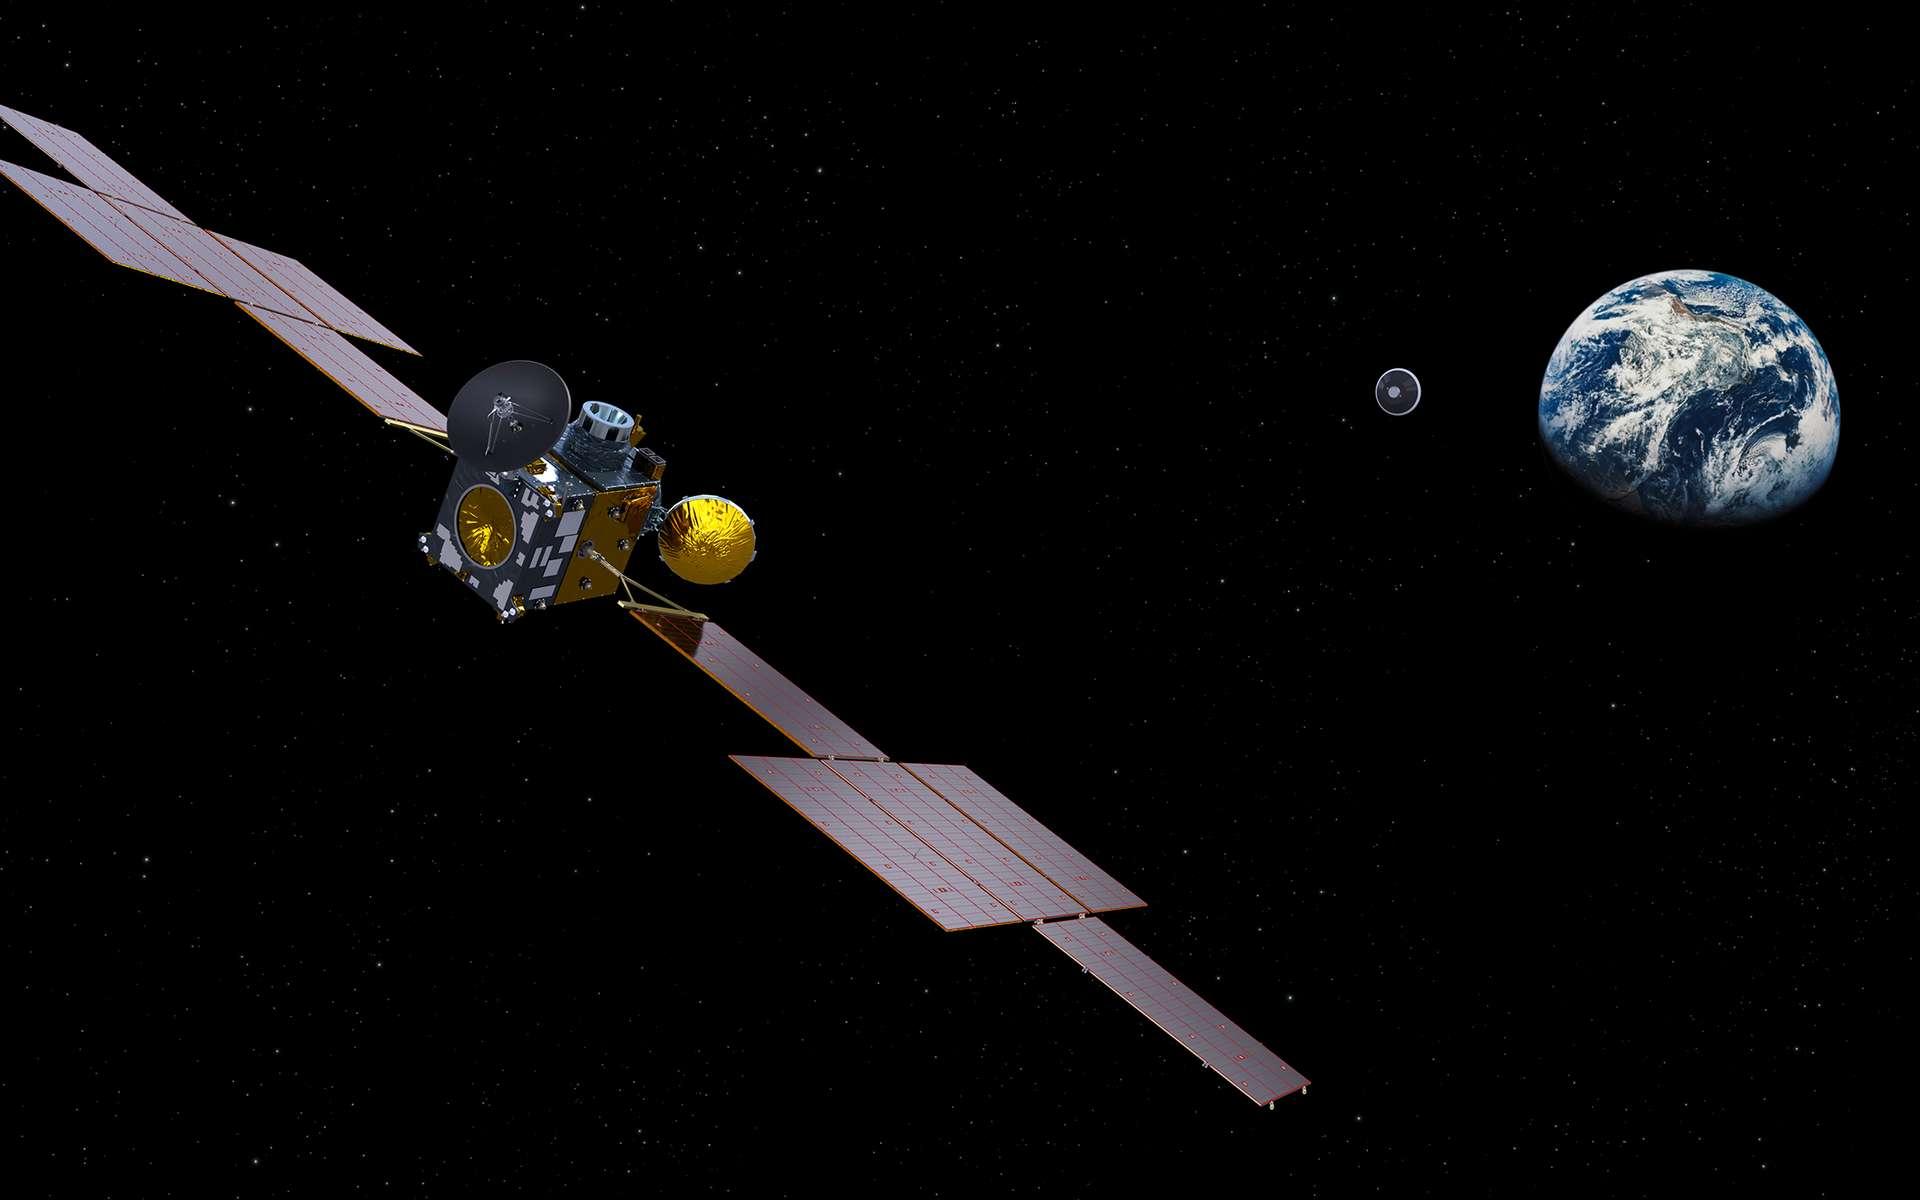 ERO (Earth Return Orbiter), le satellite de capture et de retour, de retour de Mars, larguant la capsule abritant les échantillons martiens. Notez l'absence du module d'insertion en orbite (IOM), laissé en orbite martienne. ERO sera réalisé par Airbus et le module OIM par Thales Alenia Space sous la maîtrise d'œuvre d'Airbus. © ESA, ATG-Medialab